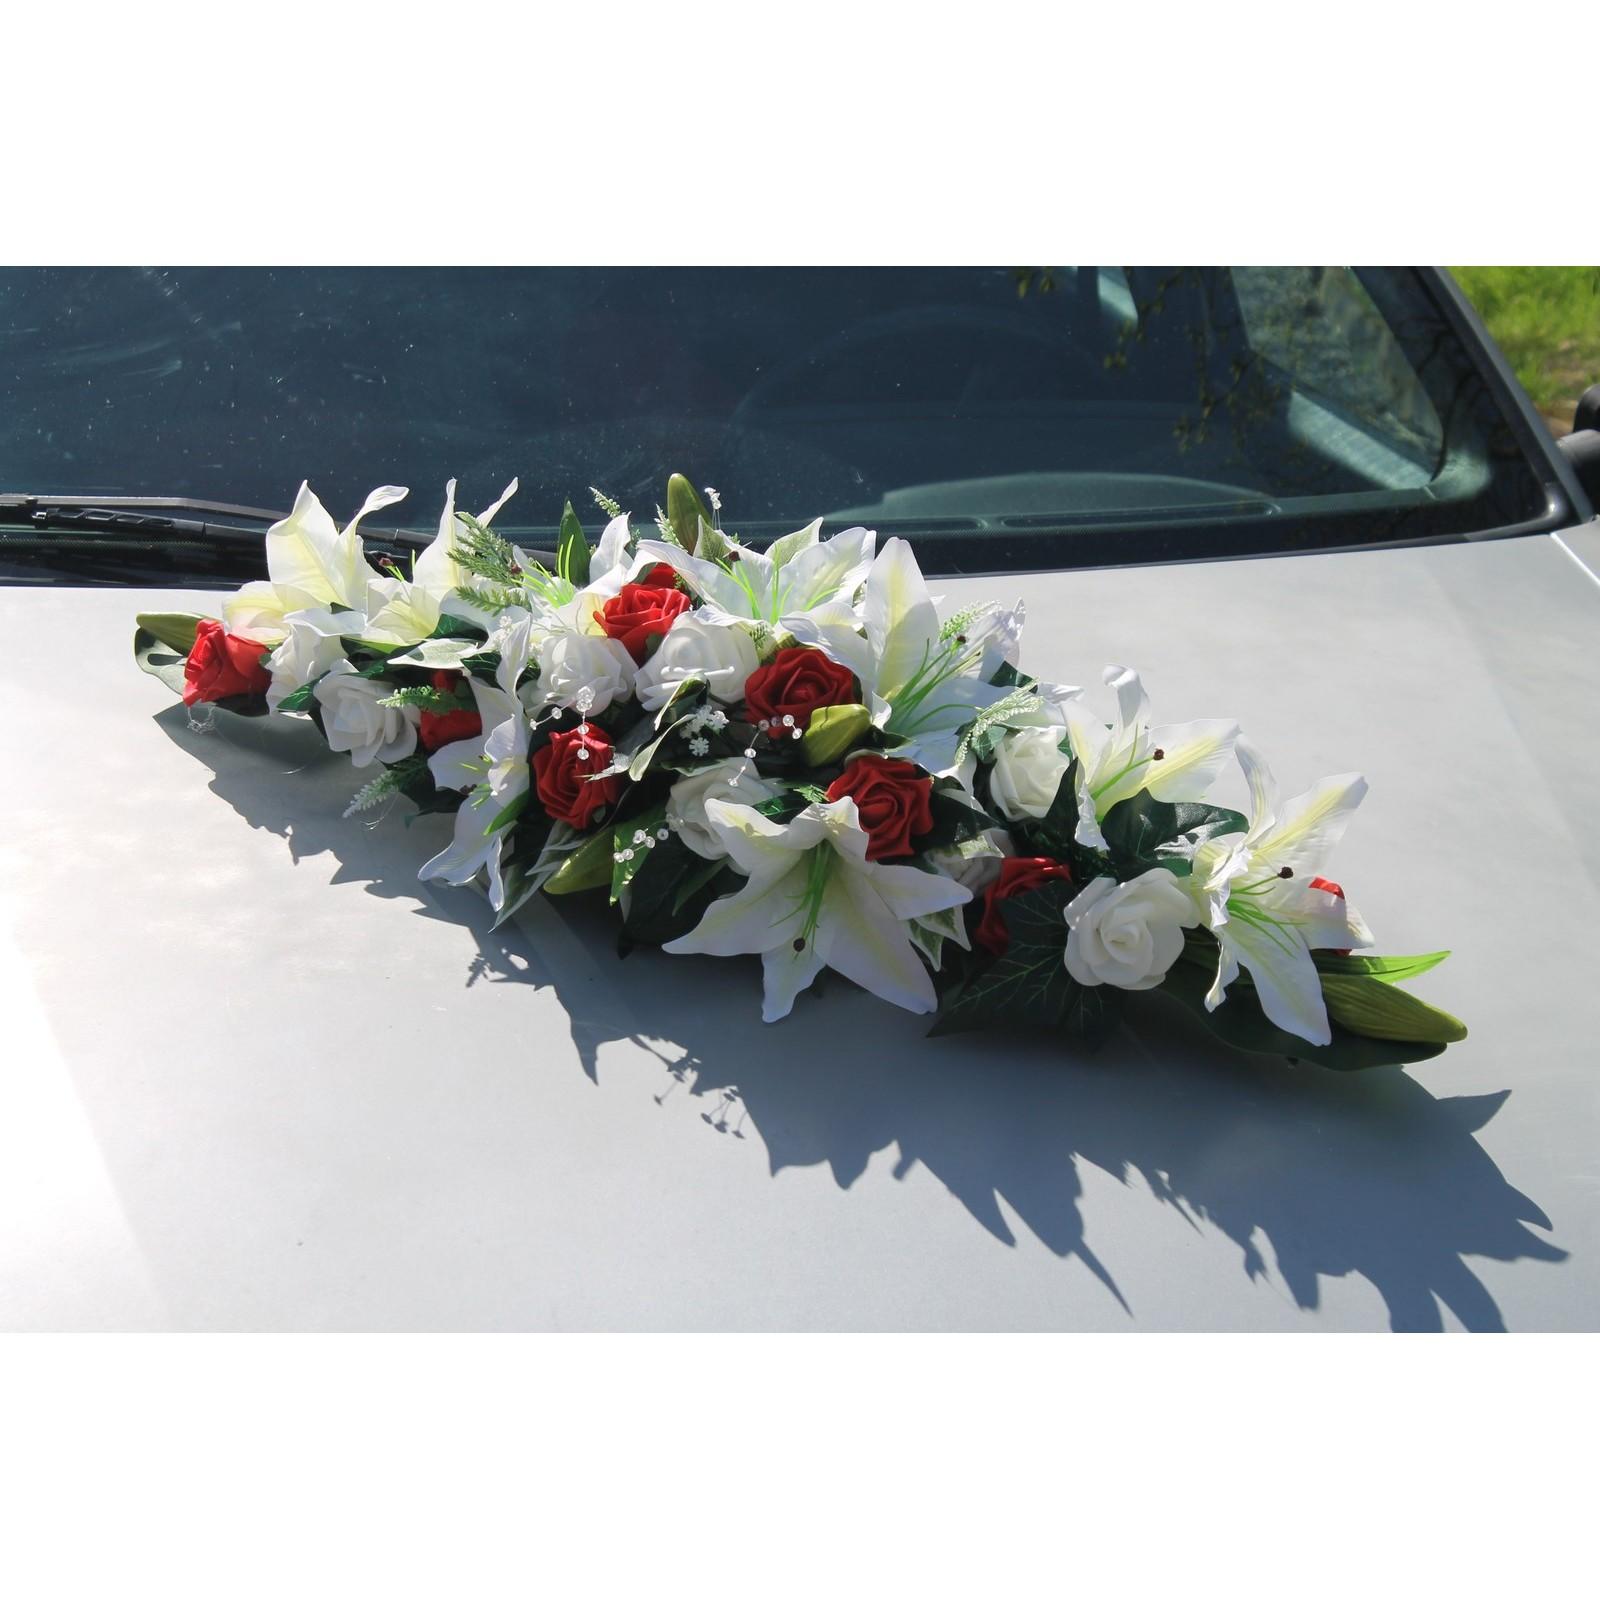 composition florale pour voiture de mariage blanc et rouge. Black Bedroom Furniture Sets. Home Design Ideas